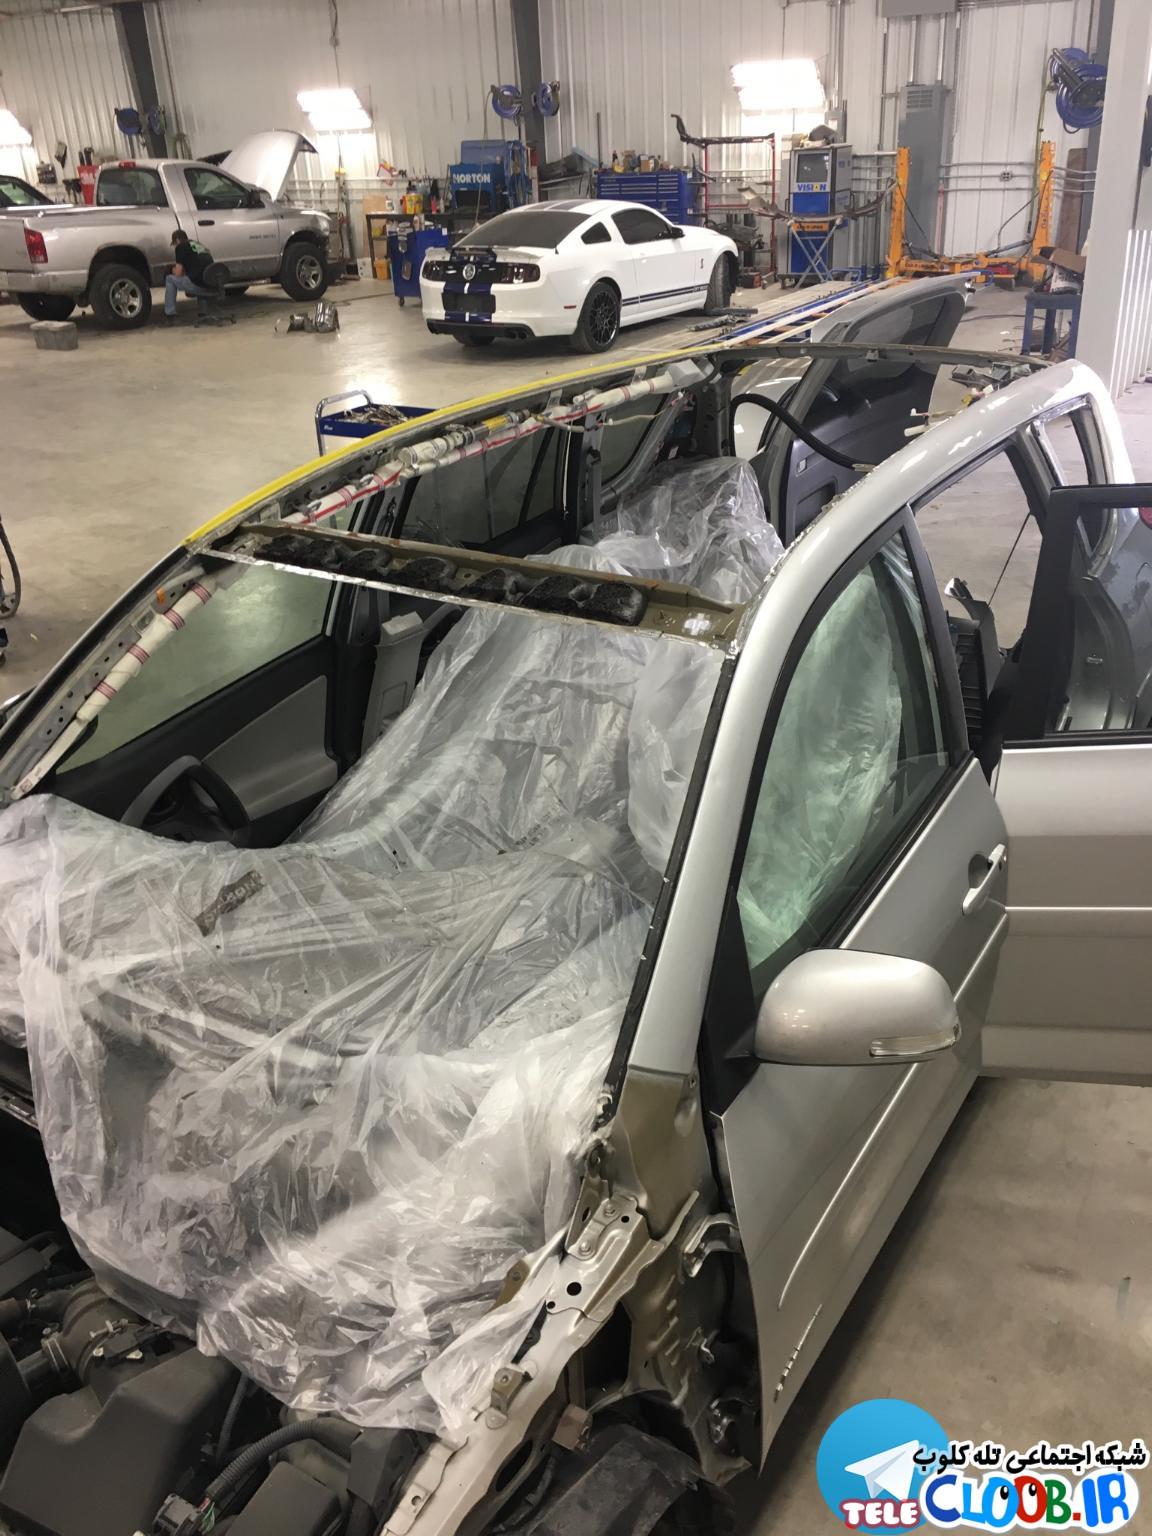 قسمتی از سقف خودرو که نیاز به تعمیر دارد